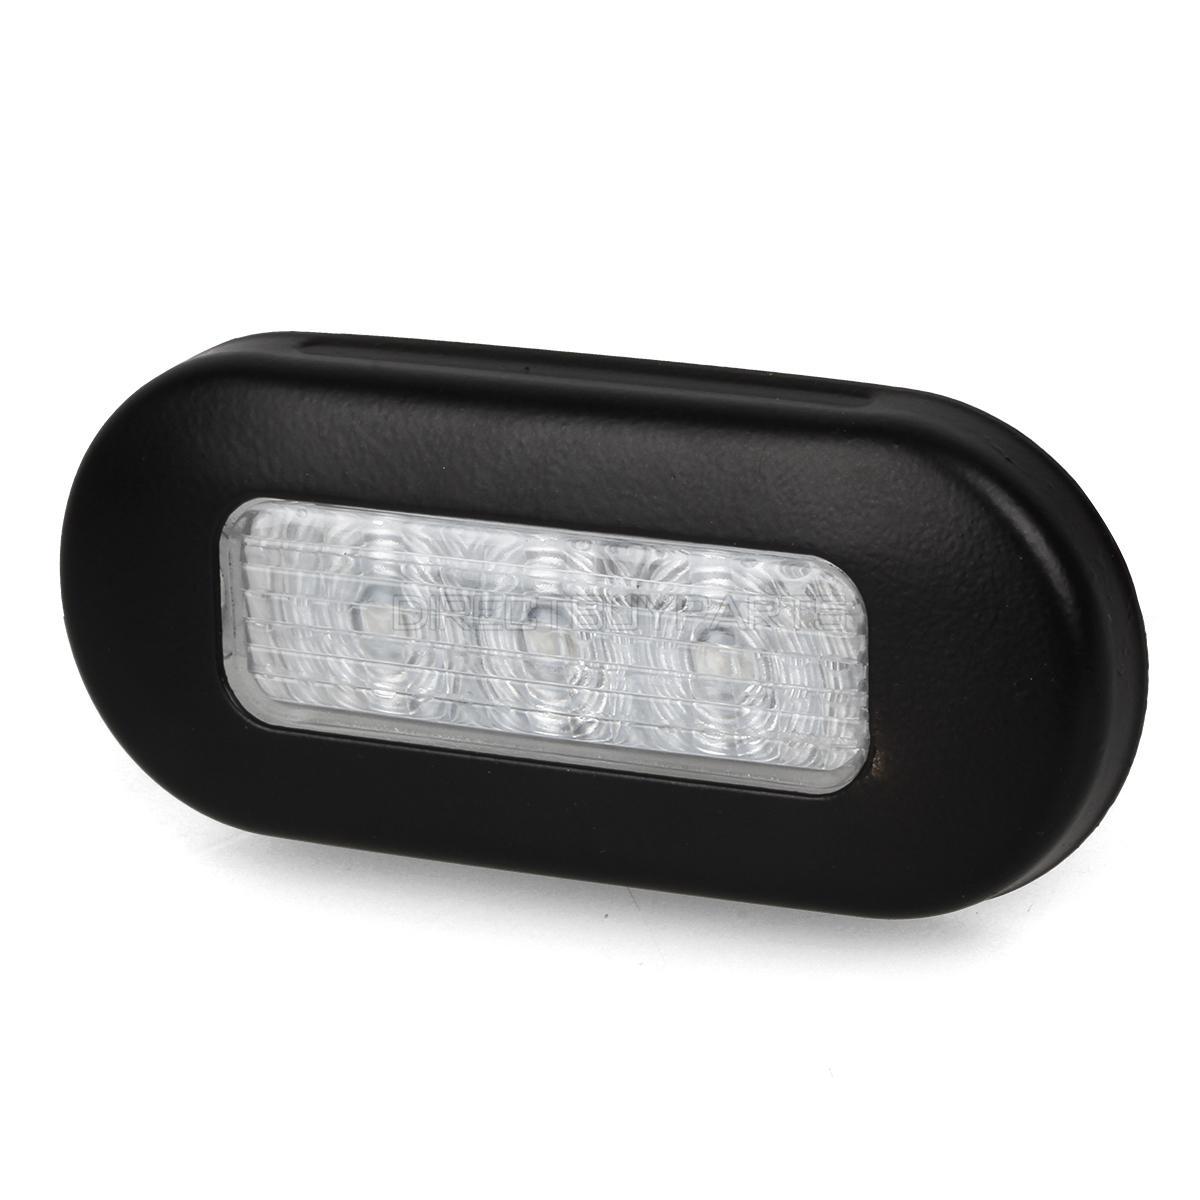 """MARINE BOAT LED RV TRAILER WHITE OBLONG SHAPE COURTESY LIGHT 3/""""BY1.25/"""" S.S RIM"""